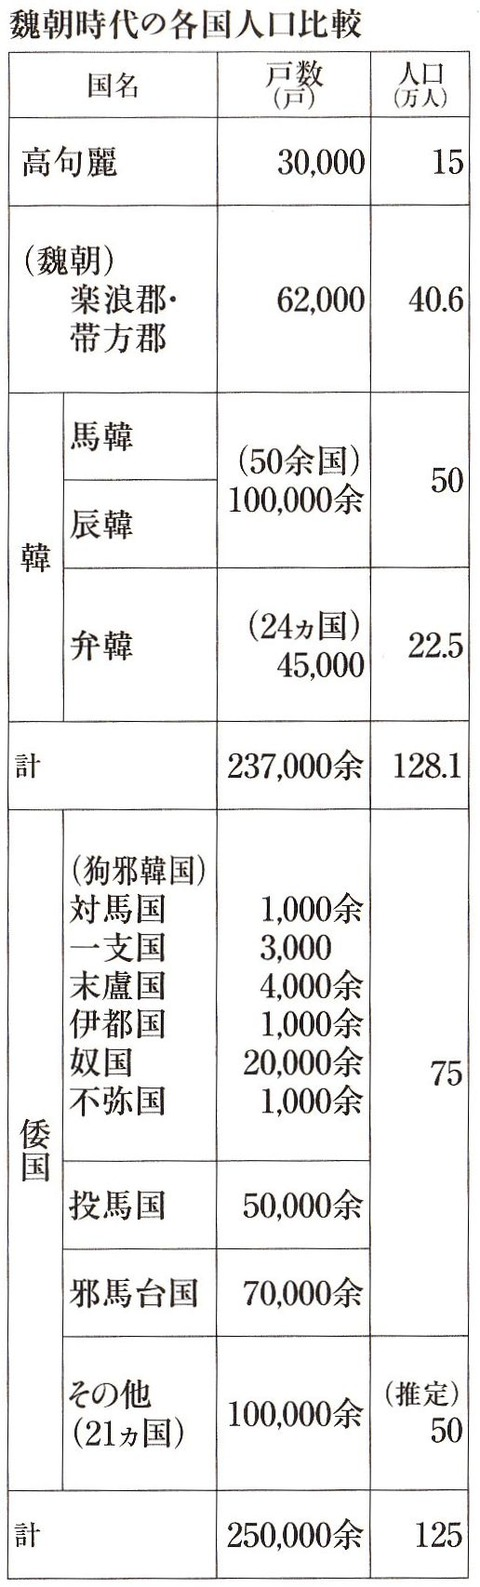 魏朝時代の各国人口比較 - 大平裕『日本古代史 正解 纒向時代編』P65